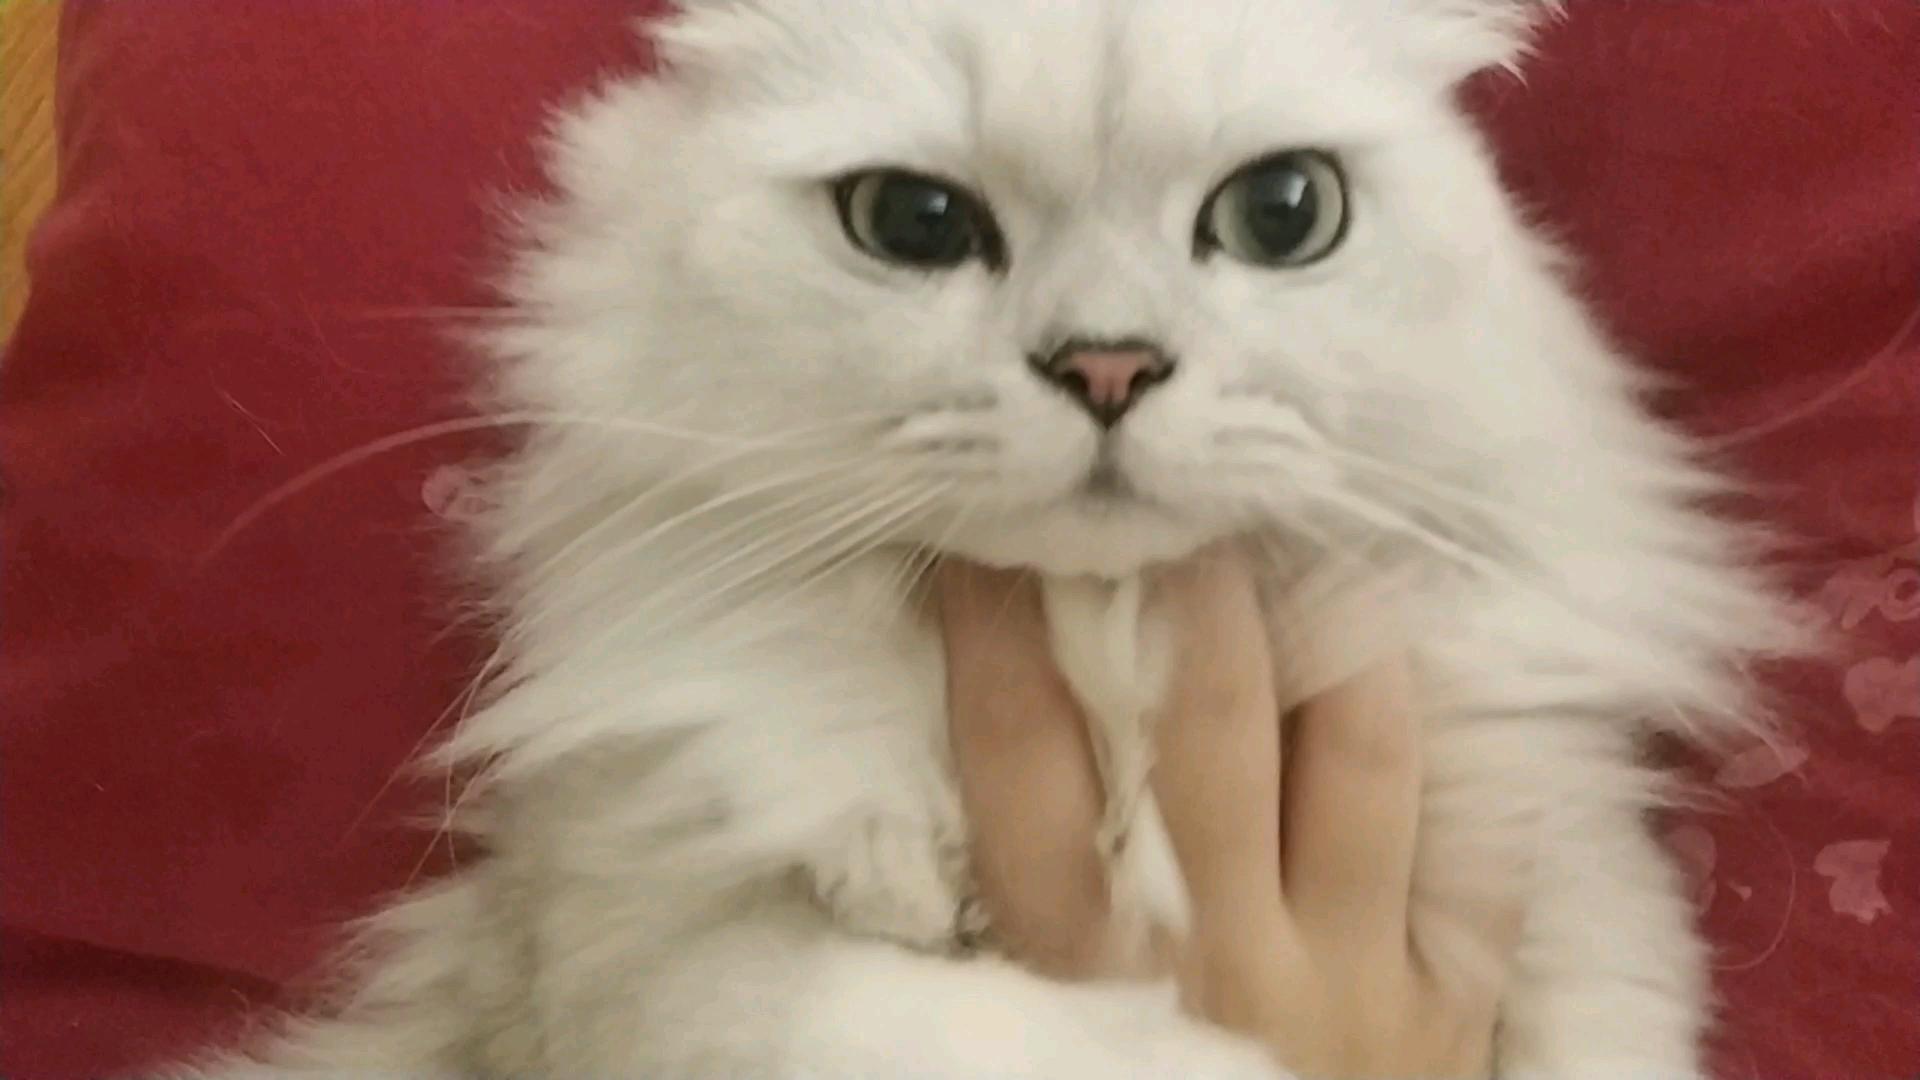 【米糊与烧麦】在家里饱受欺凌的两只可怜猫猫